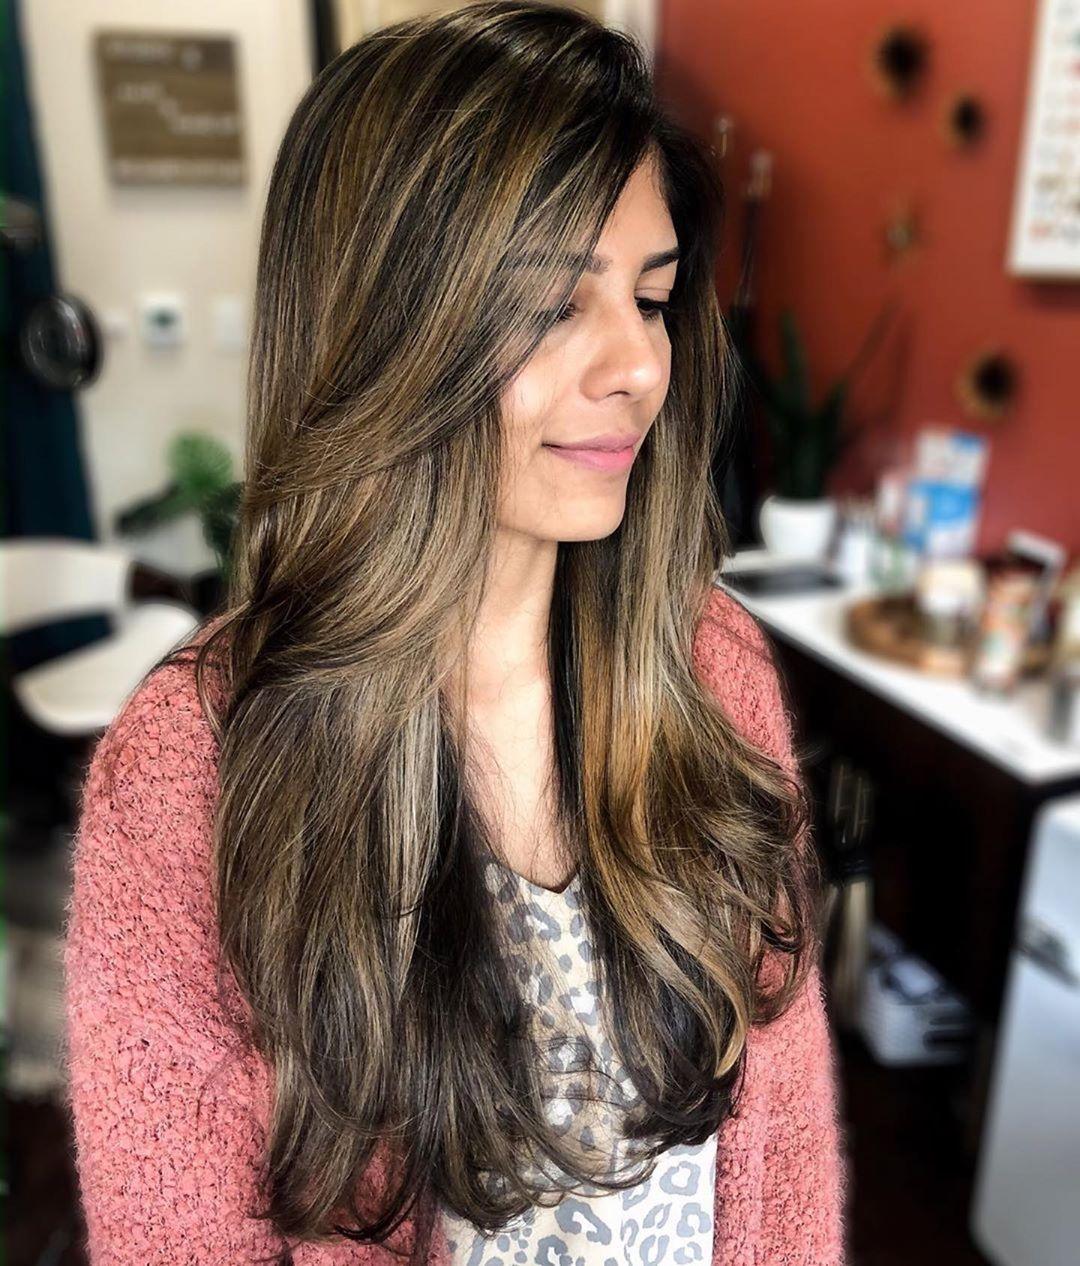 Rambut yang diurai ke depan